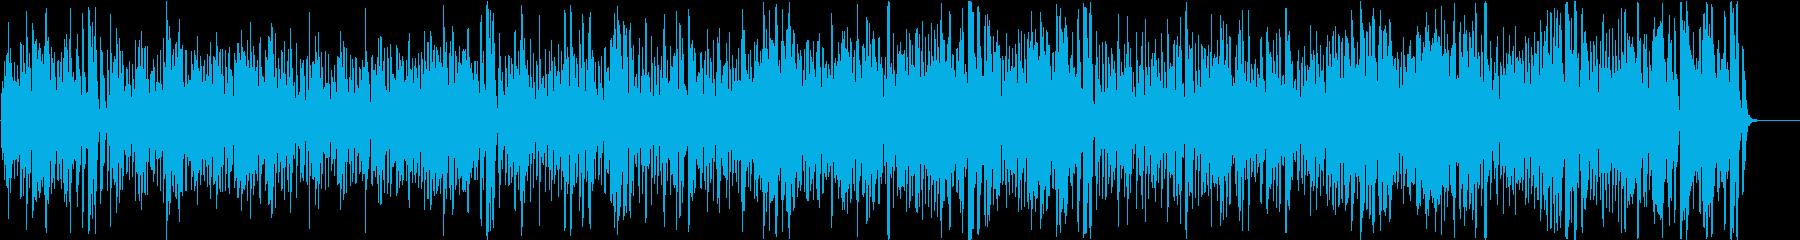 コミカルなフランス・アコーディオンジャズの再生済みの波形